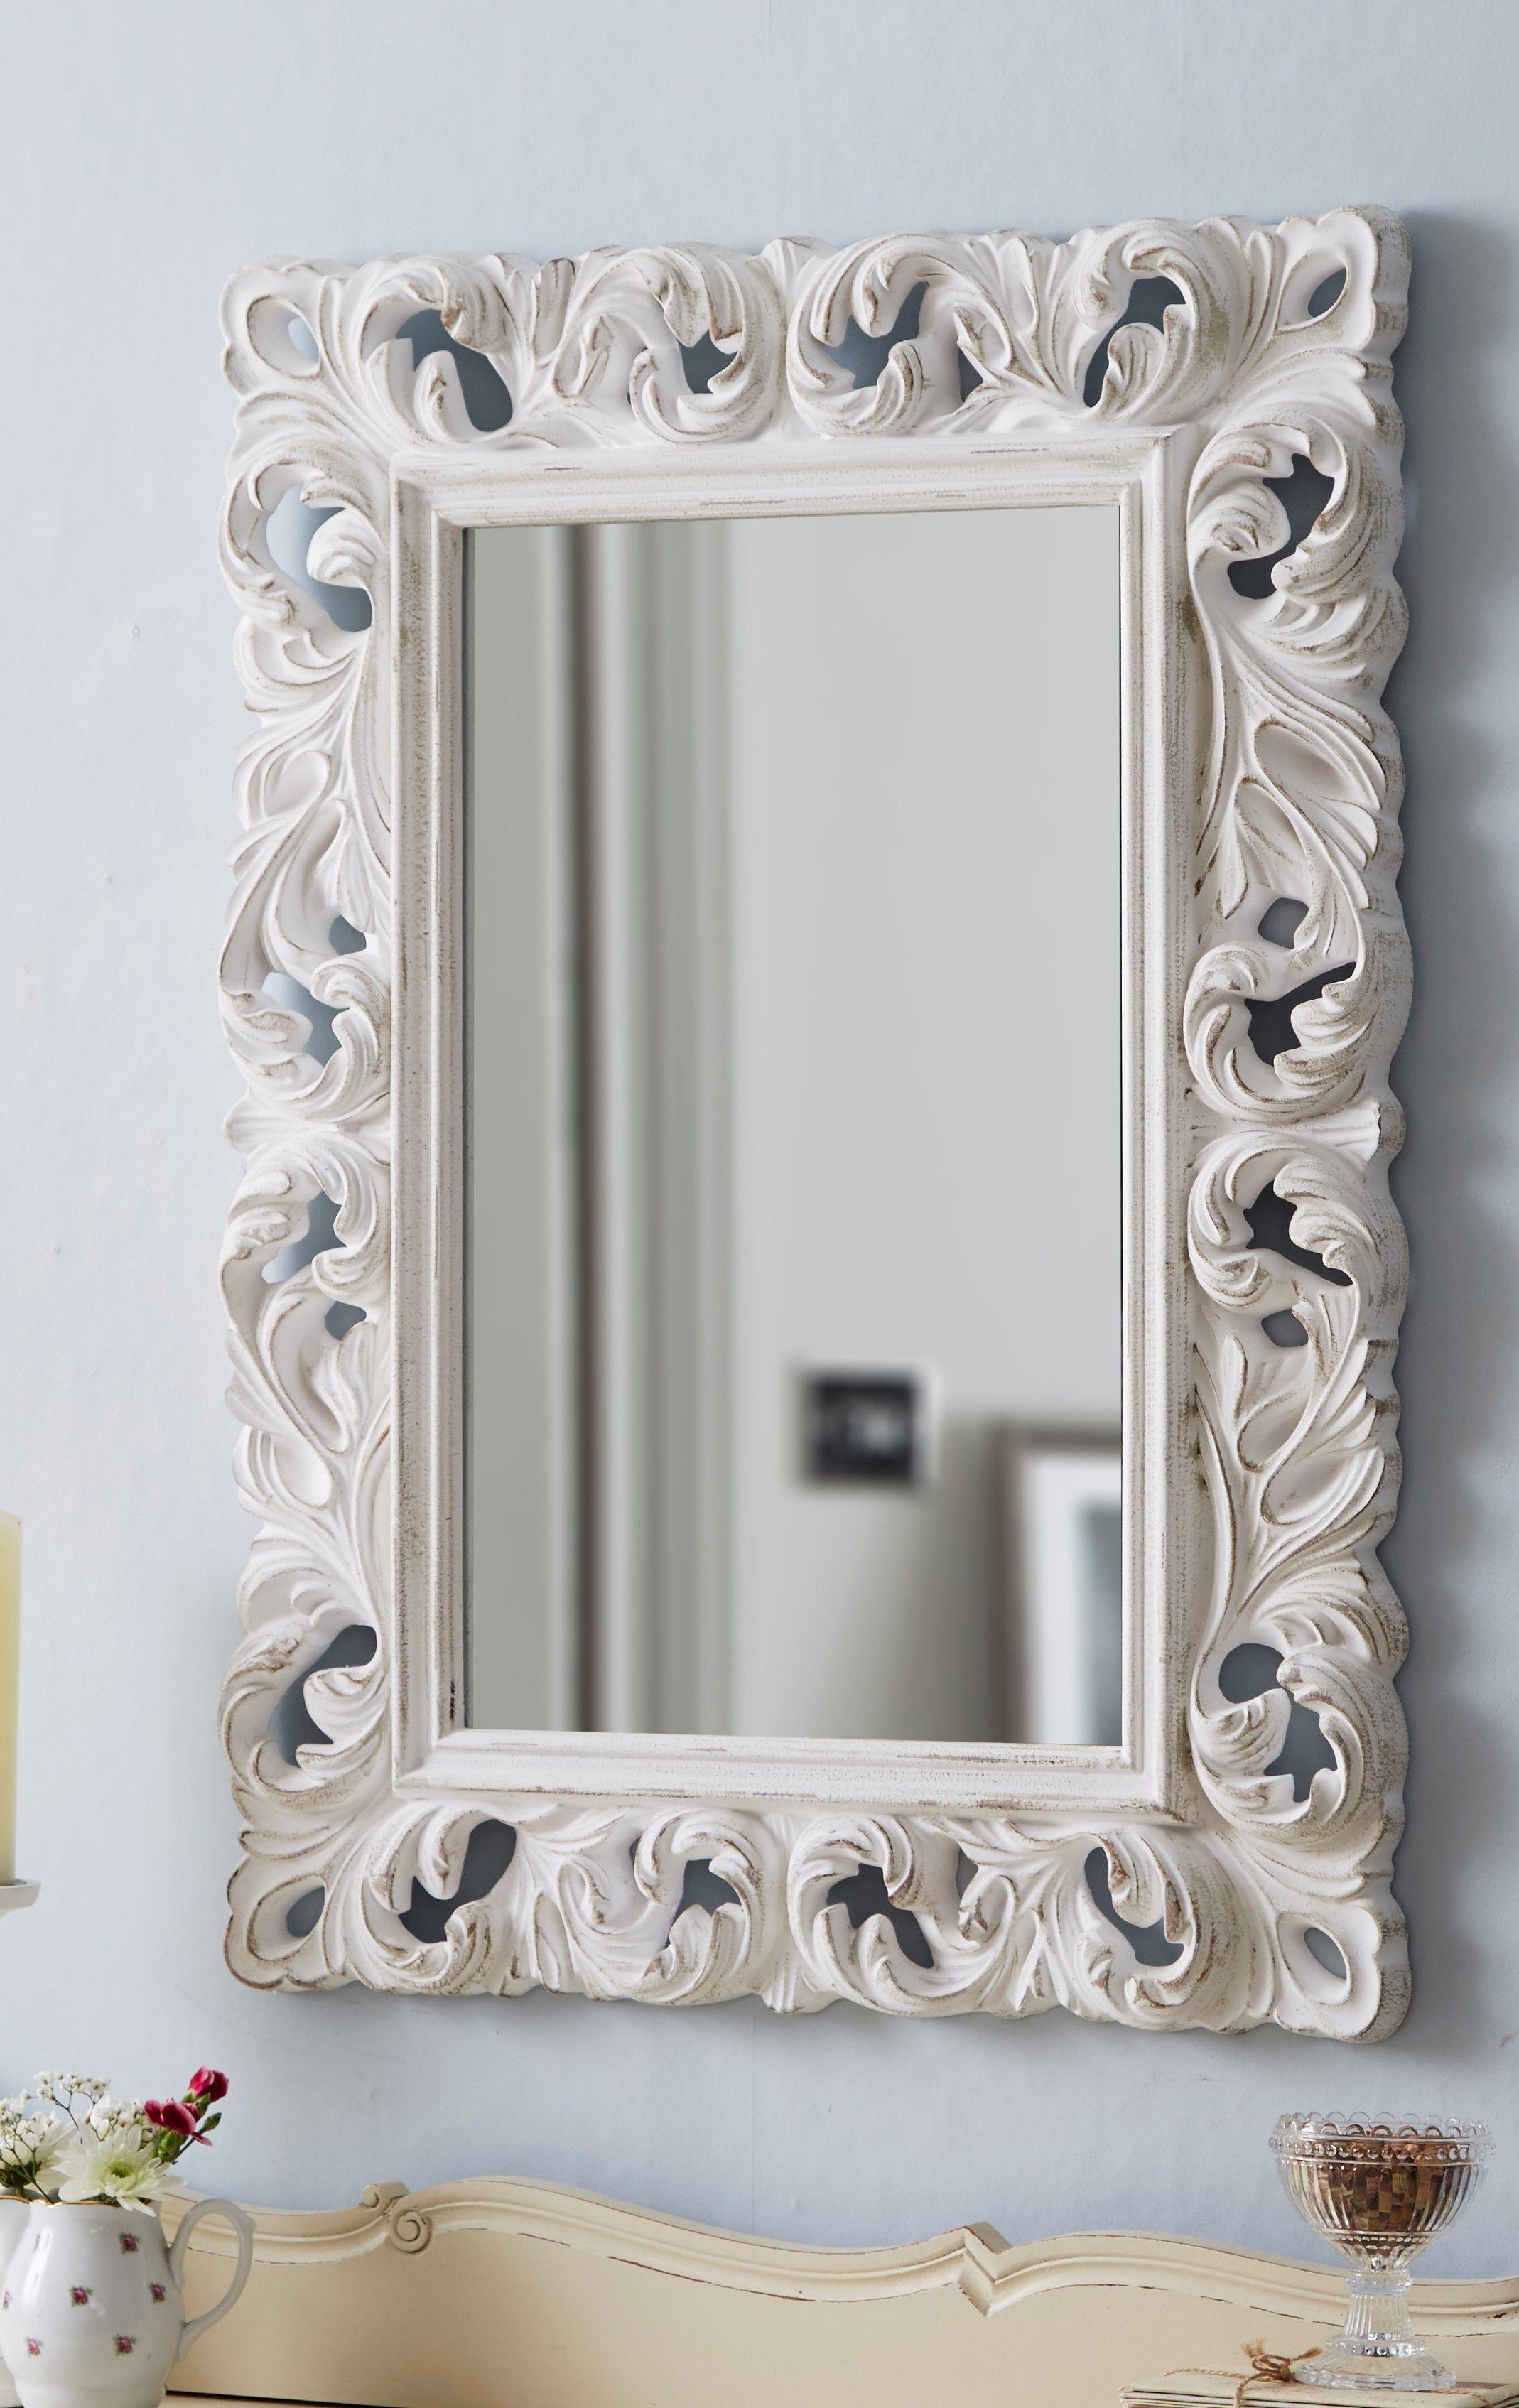 Dieser eindrucksvolle Wandspiegel ist ein Blickfang in jedem Raum ...